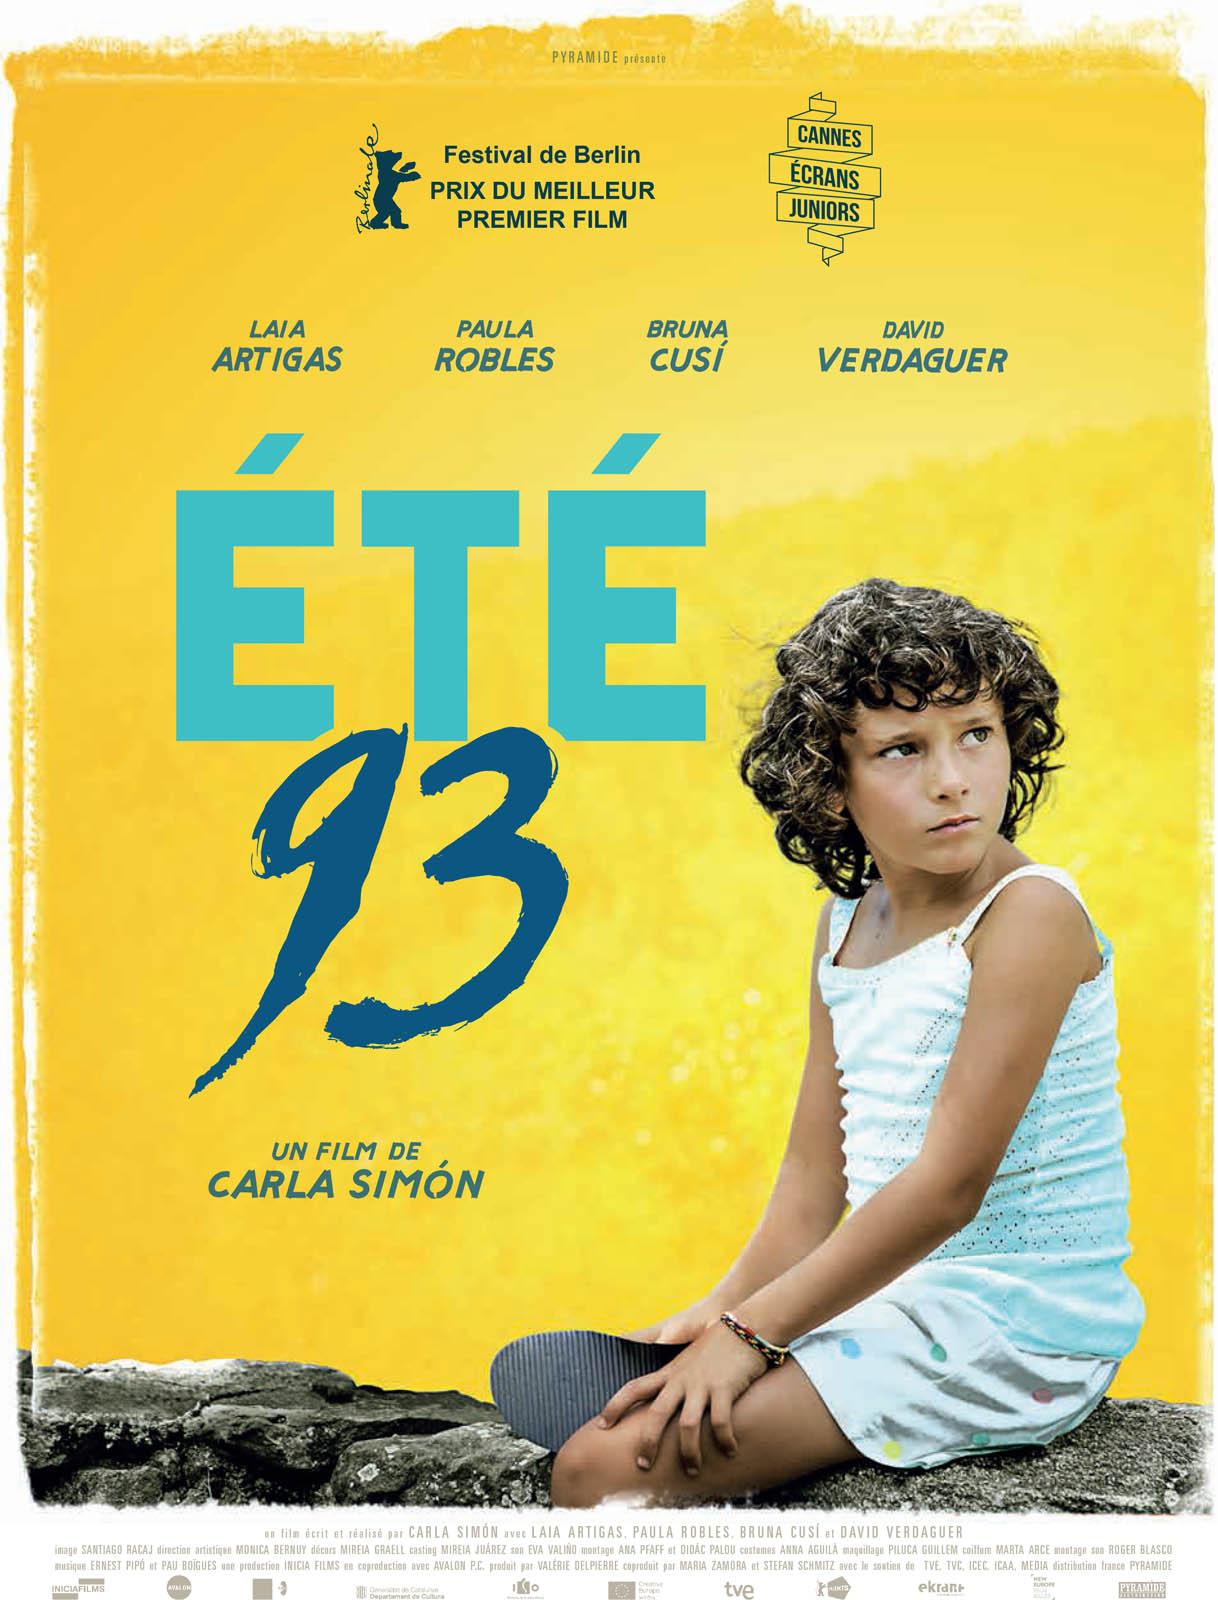 Image du film Eté 93